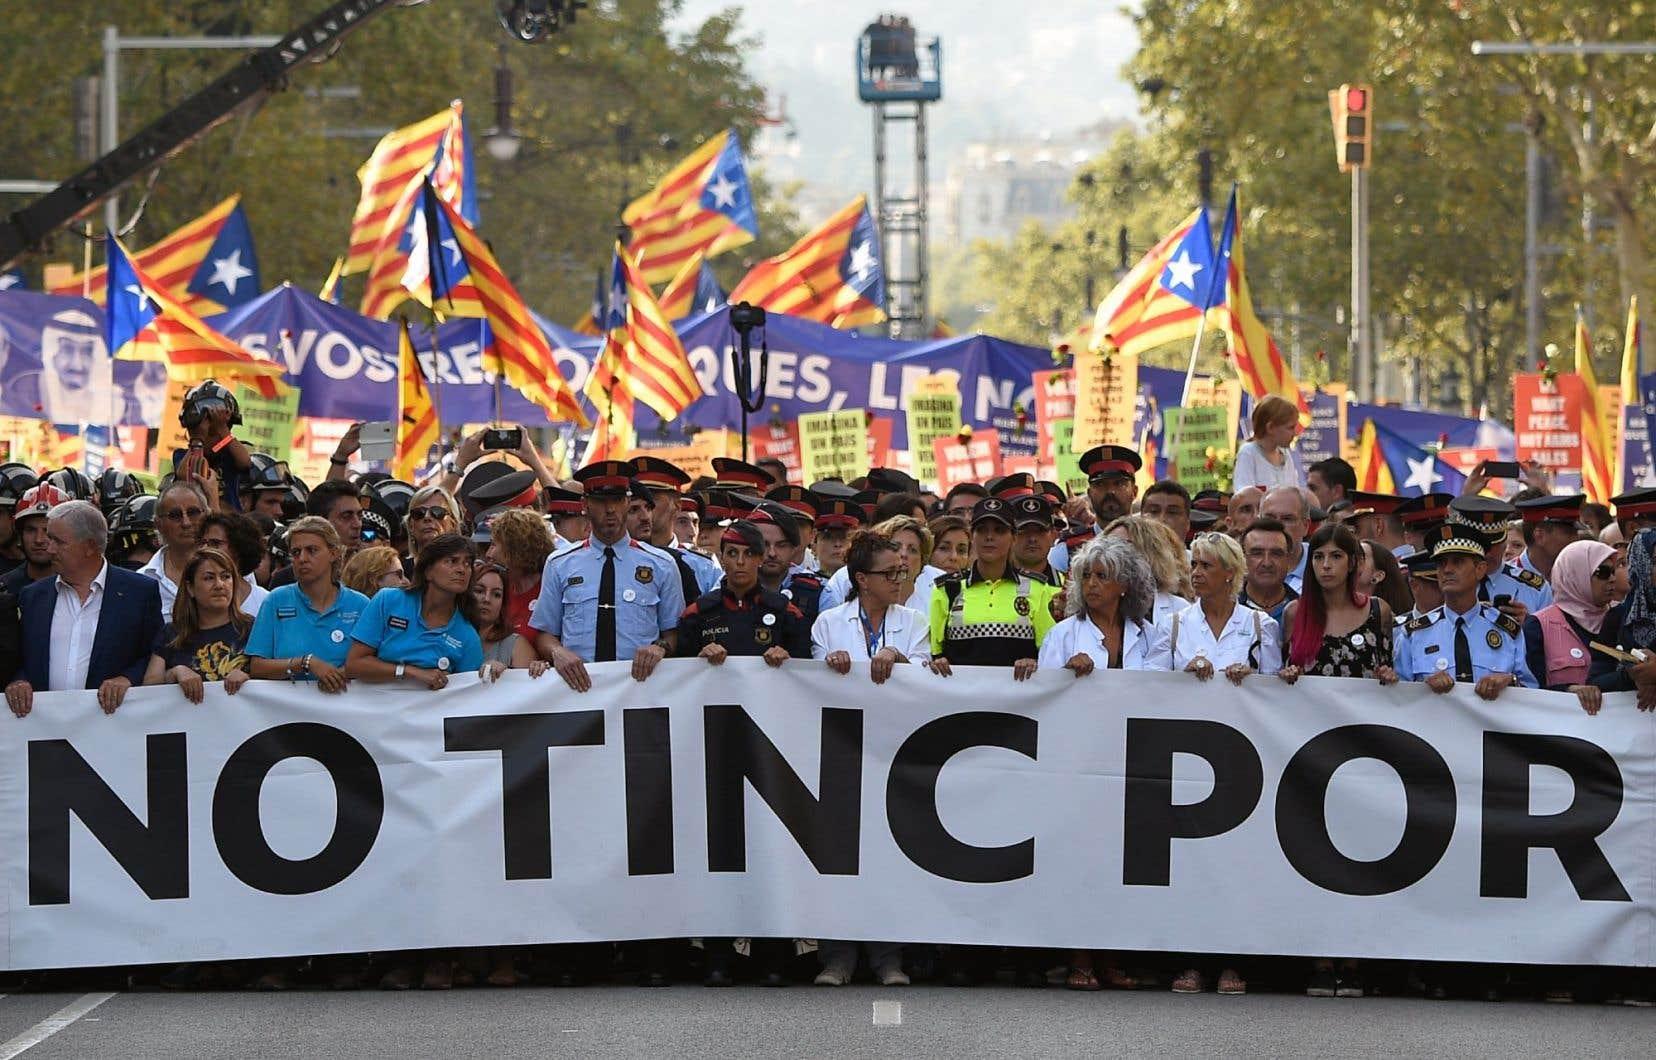 «No tinc por»signifie«Je n'ai pas peur» en catalan.